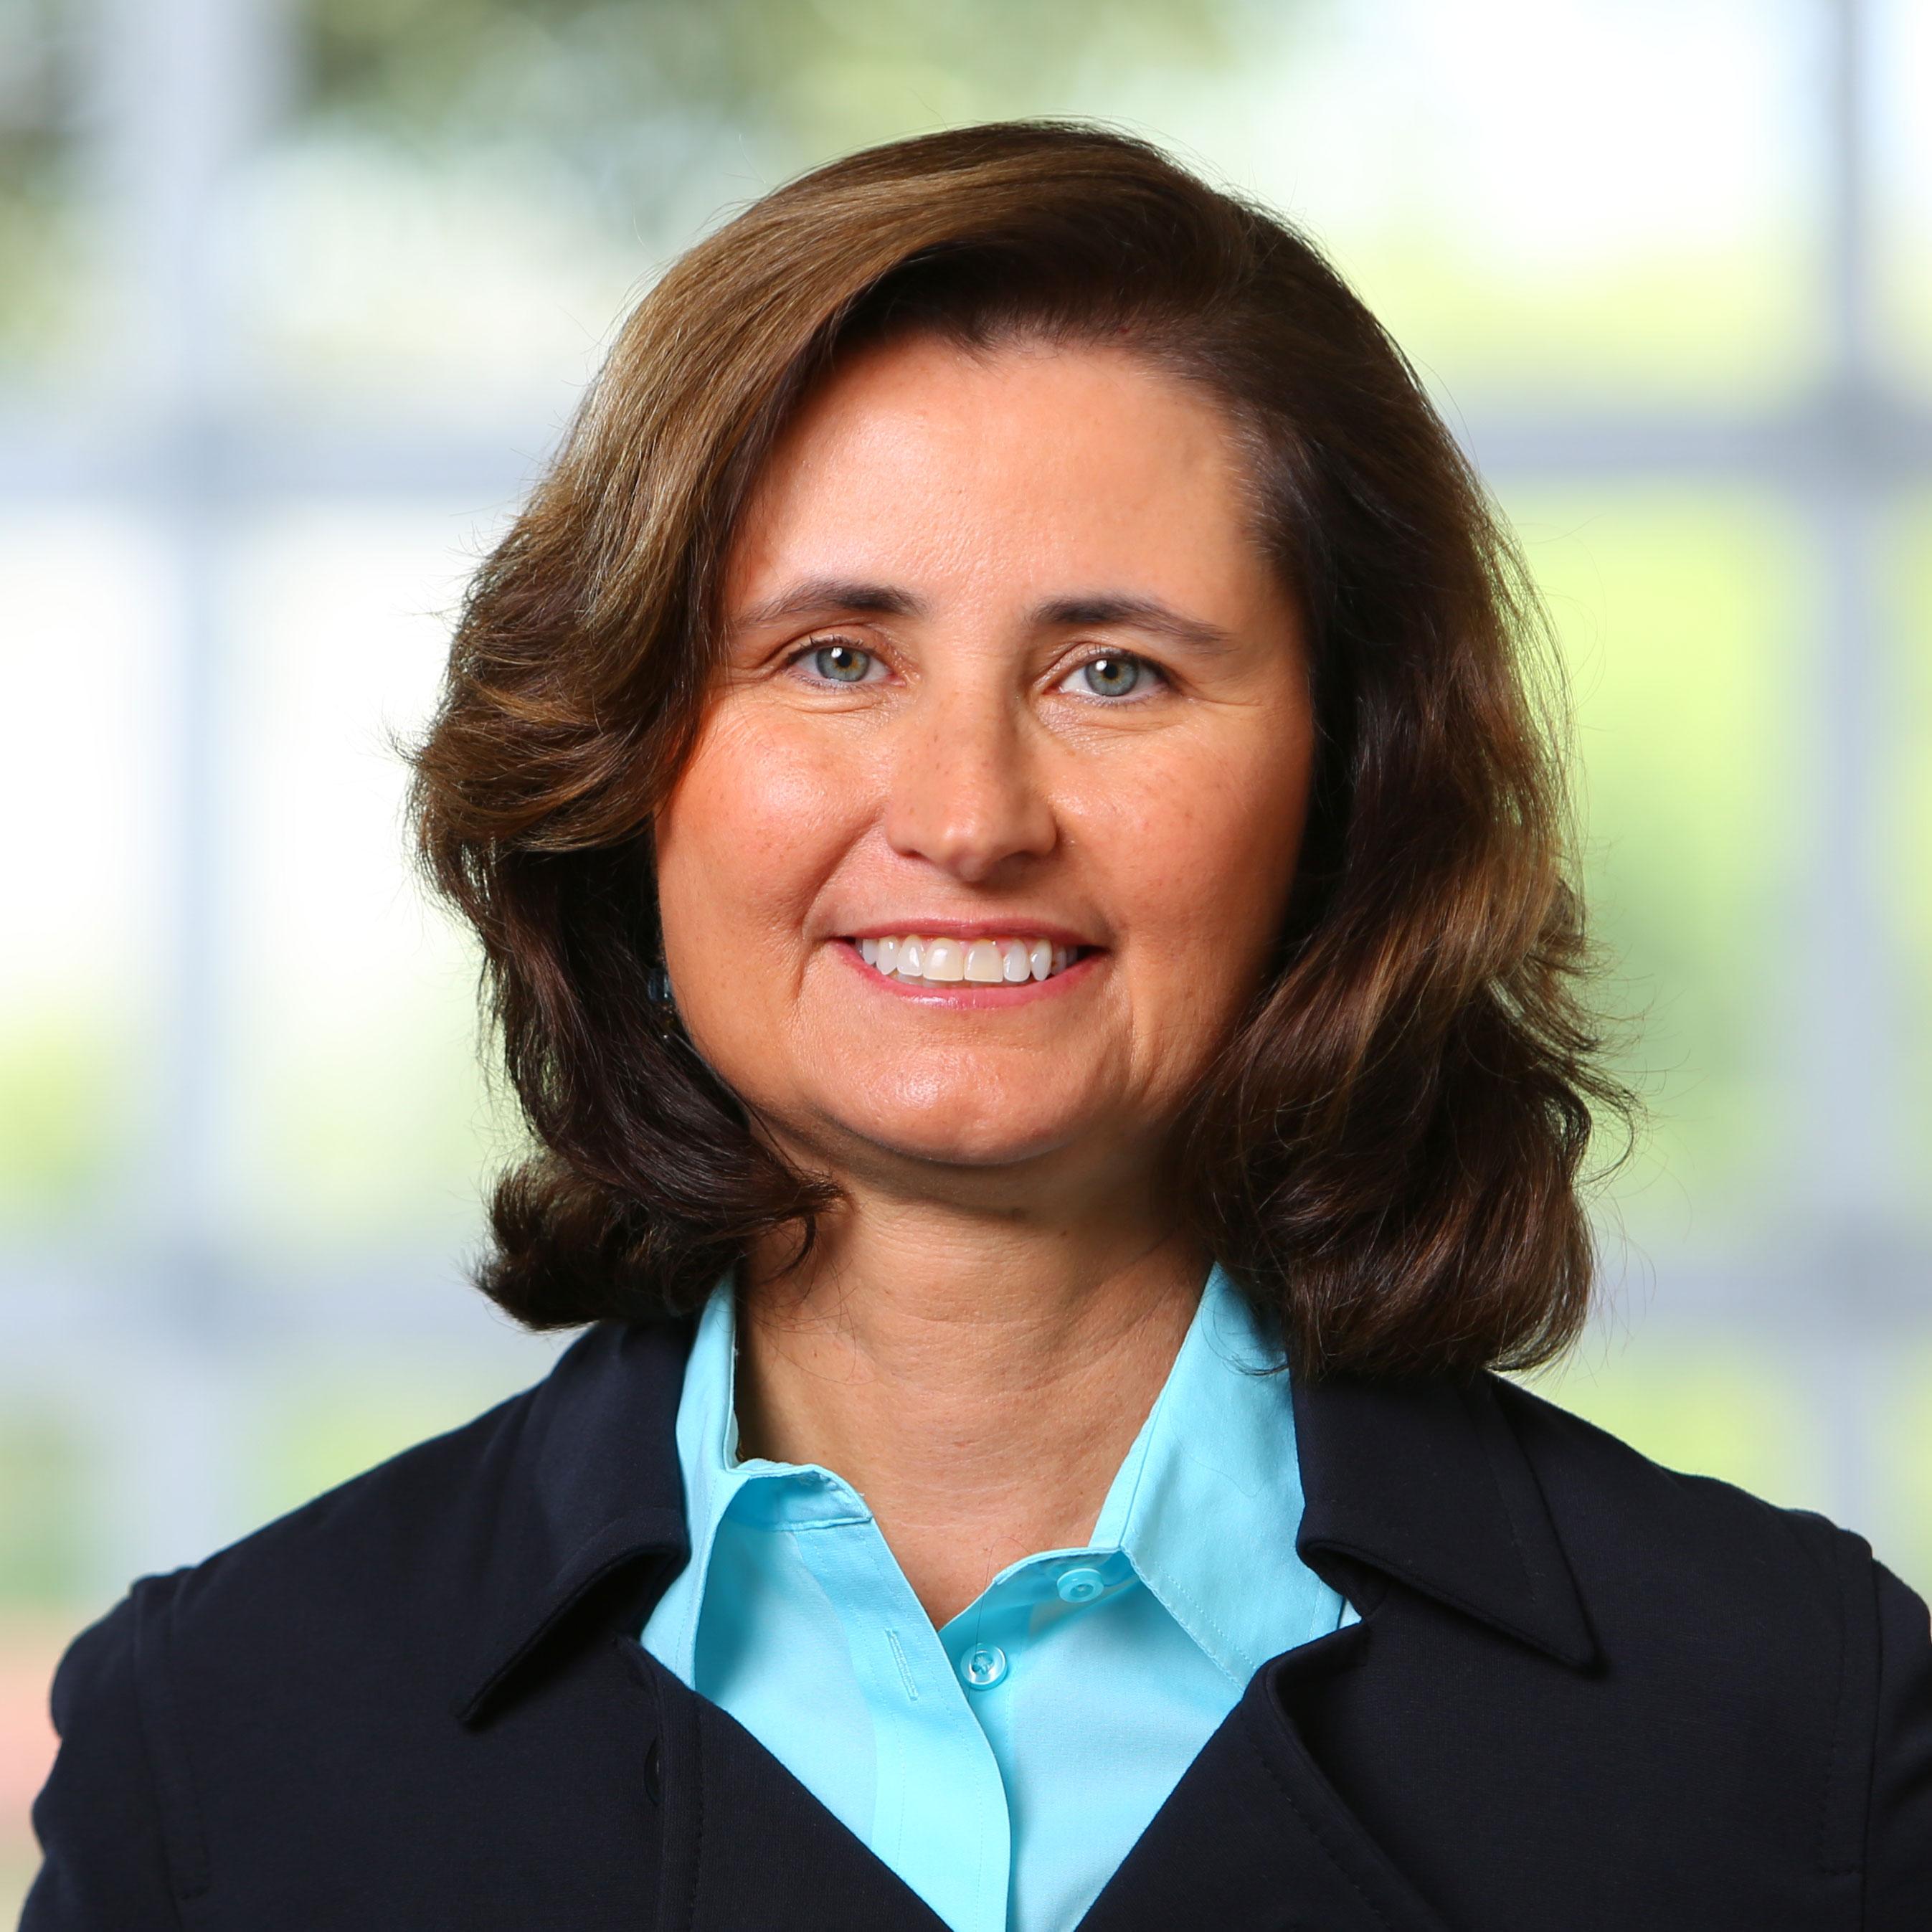 Colleen Shannon, CFO